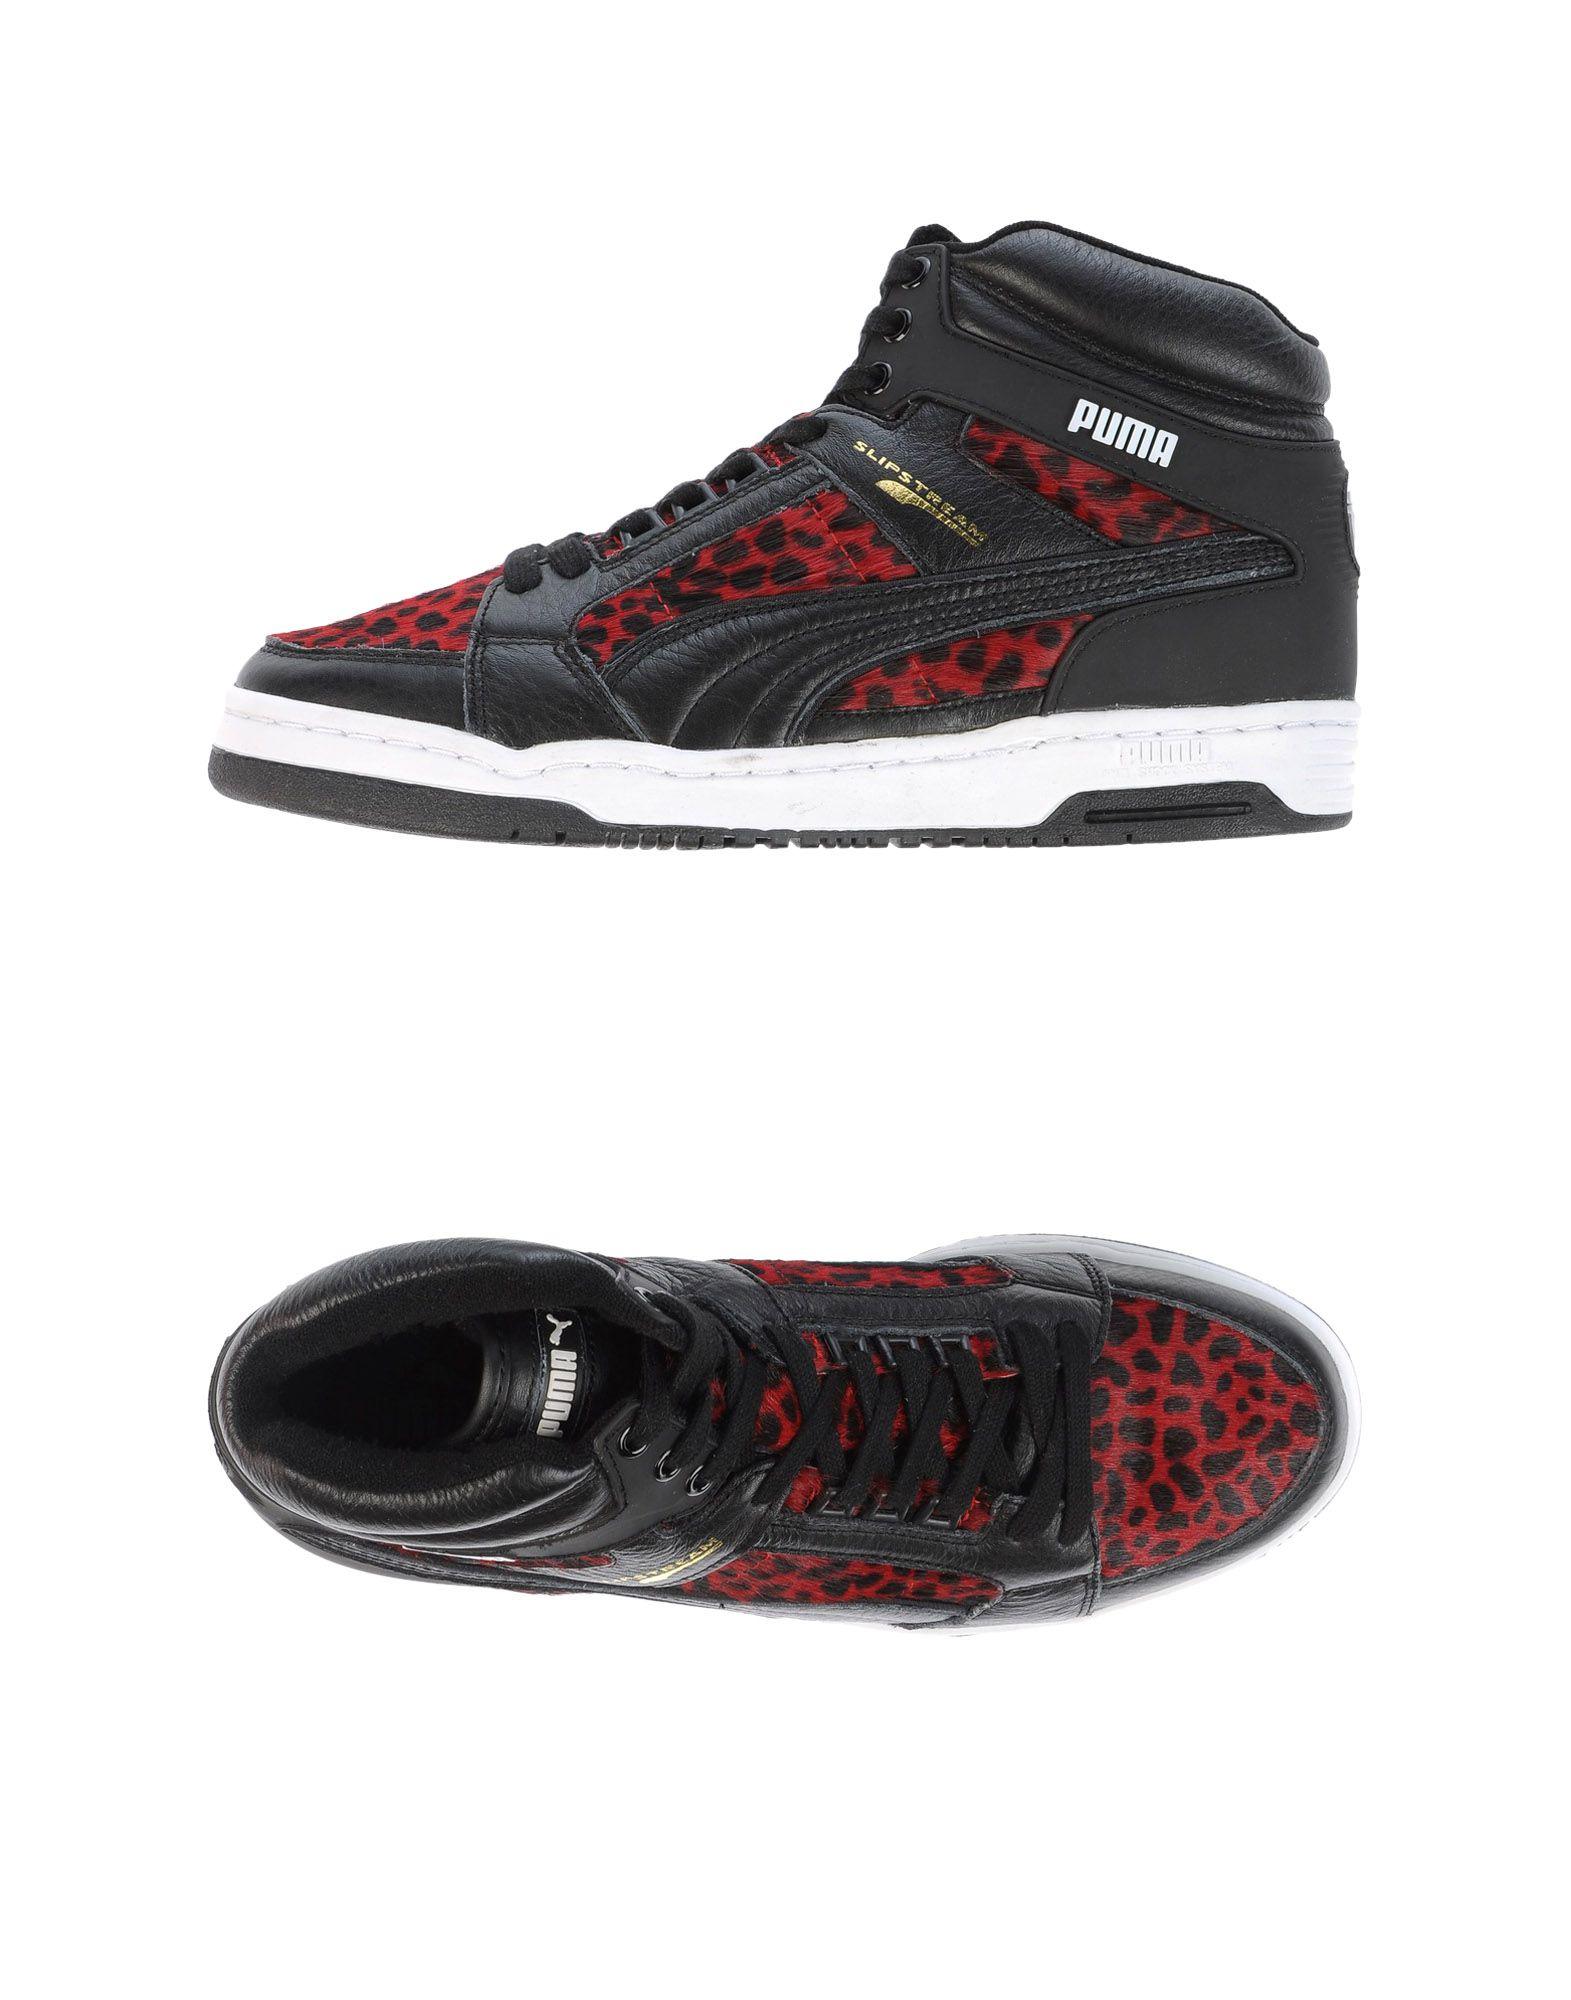 Sneakers Puma Homme Rouge - Sneakers Puma  Rouge Homme Les chaussures les plus populaires pour les hommes et les femmes d35bd8